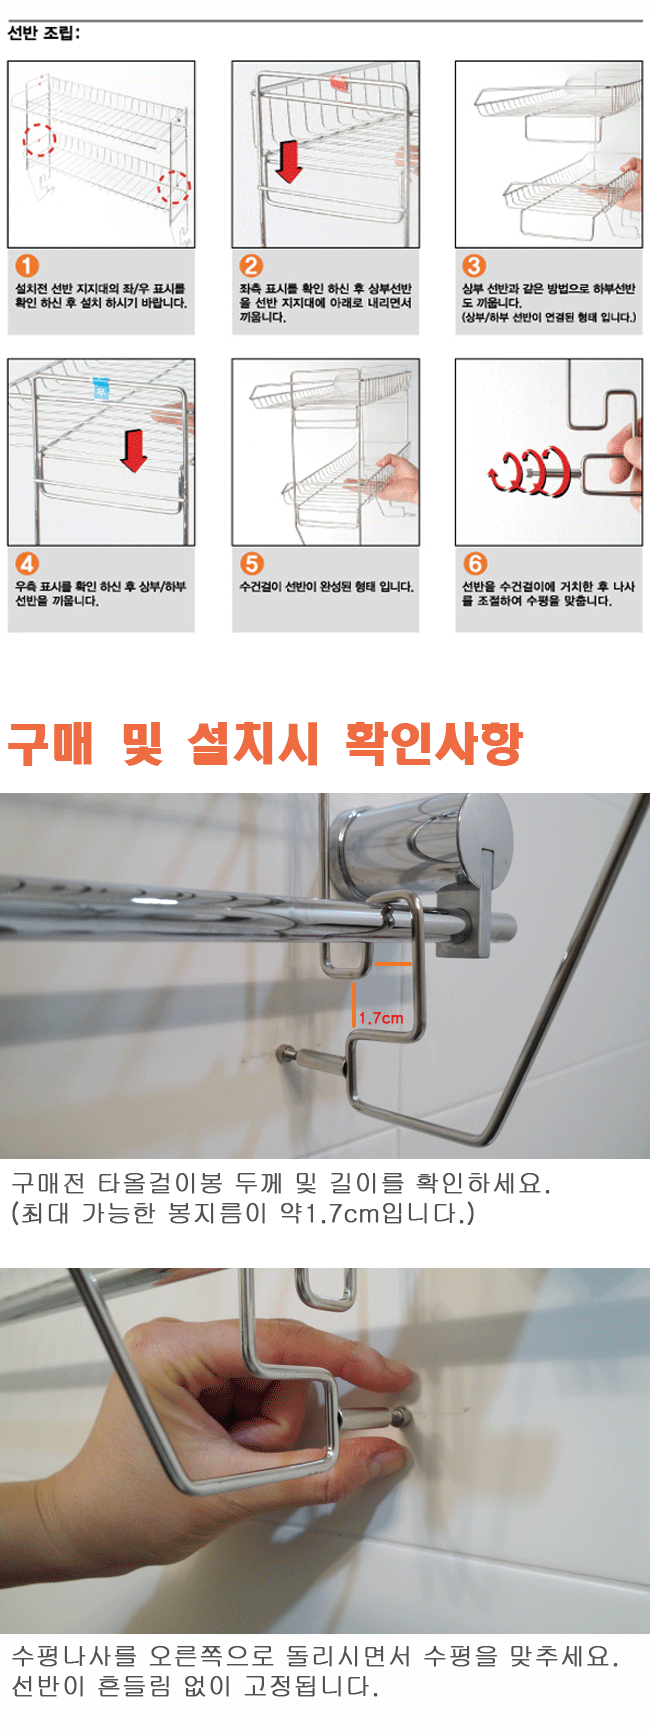 [ seachang ] Дополнительные полотенца полки 2 только